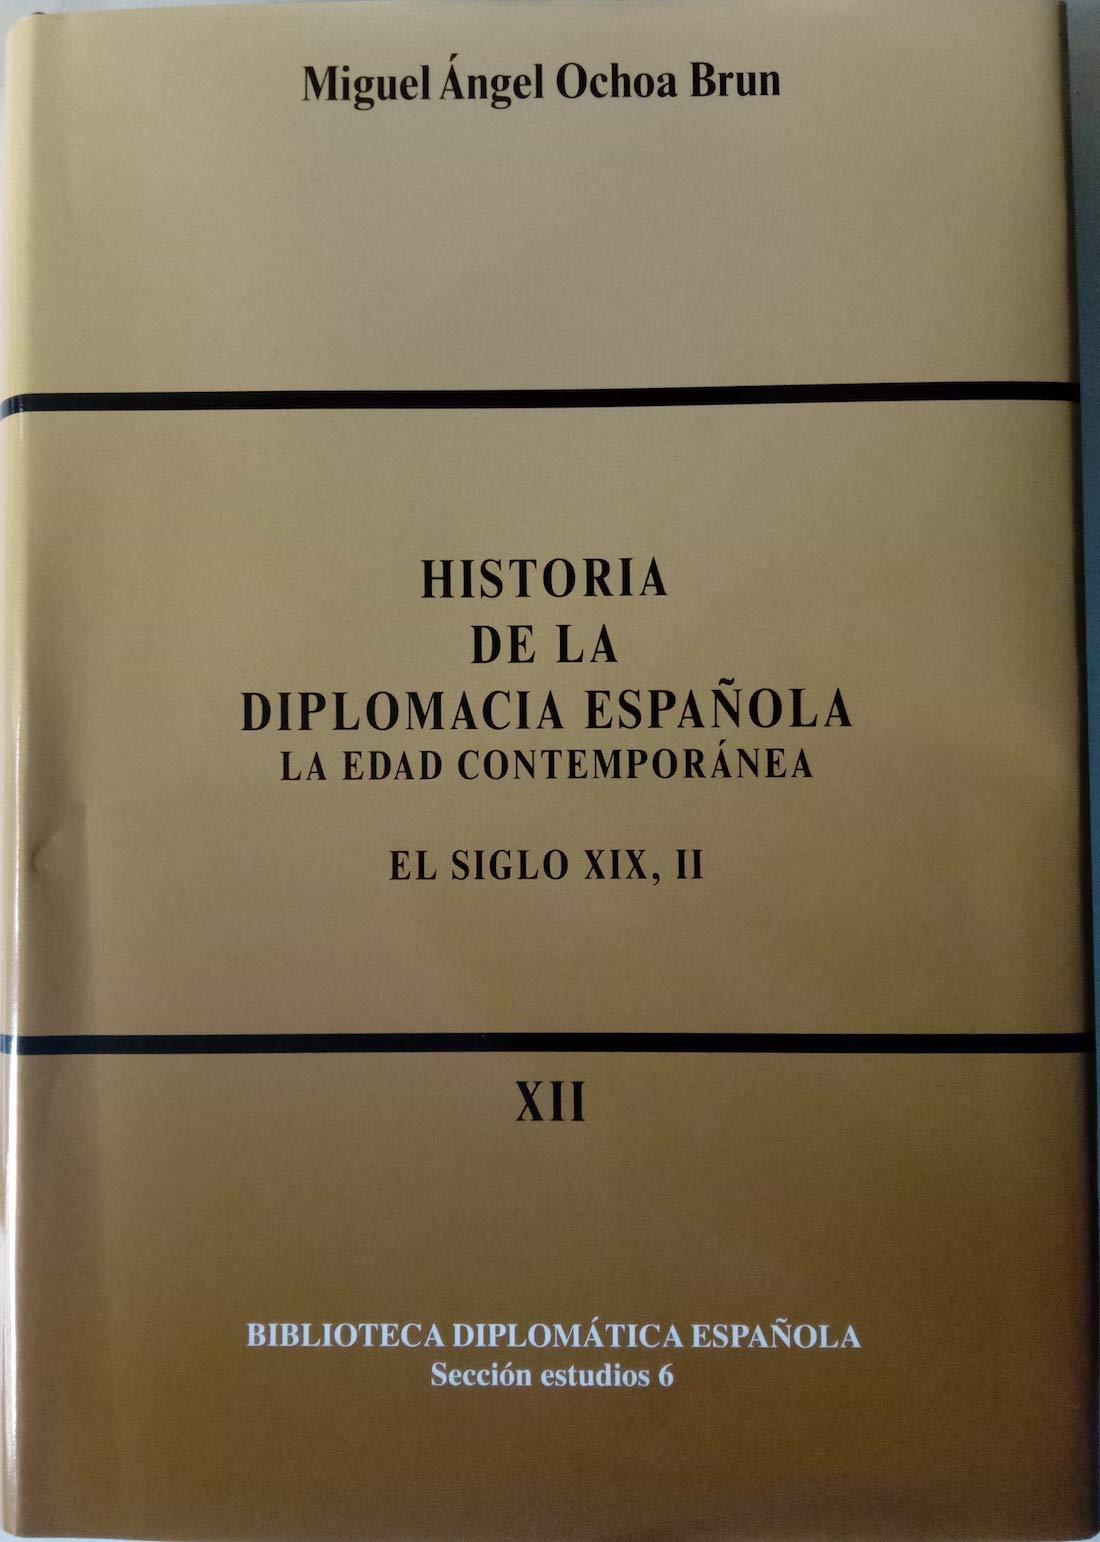 Historia de la diplomacia española: La edad contemporánea. El siglo XIX, II: 6 Biblioteca diplomática española: Amazon.es: Ochoa Brun, Miguel Ángel: Libros